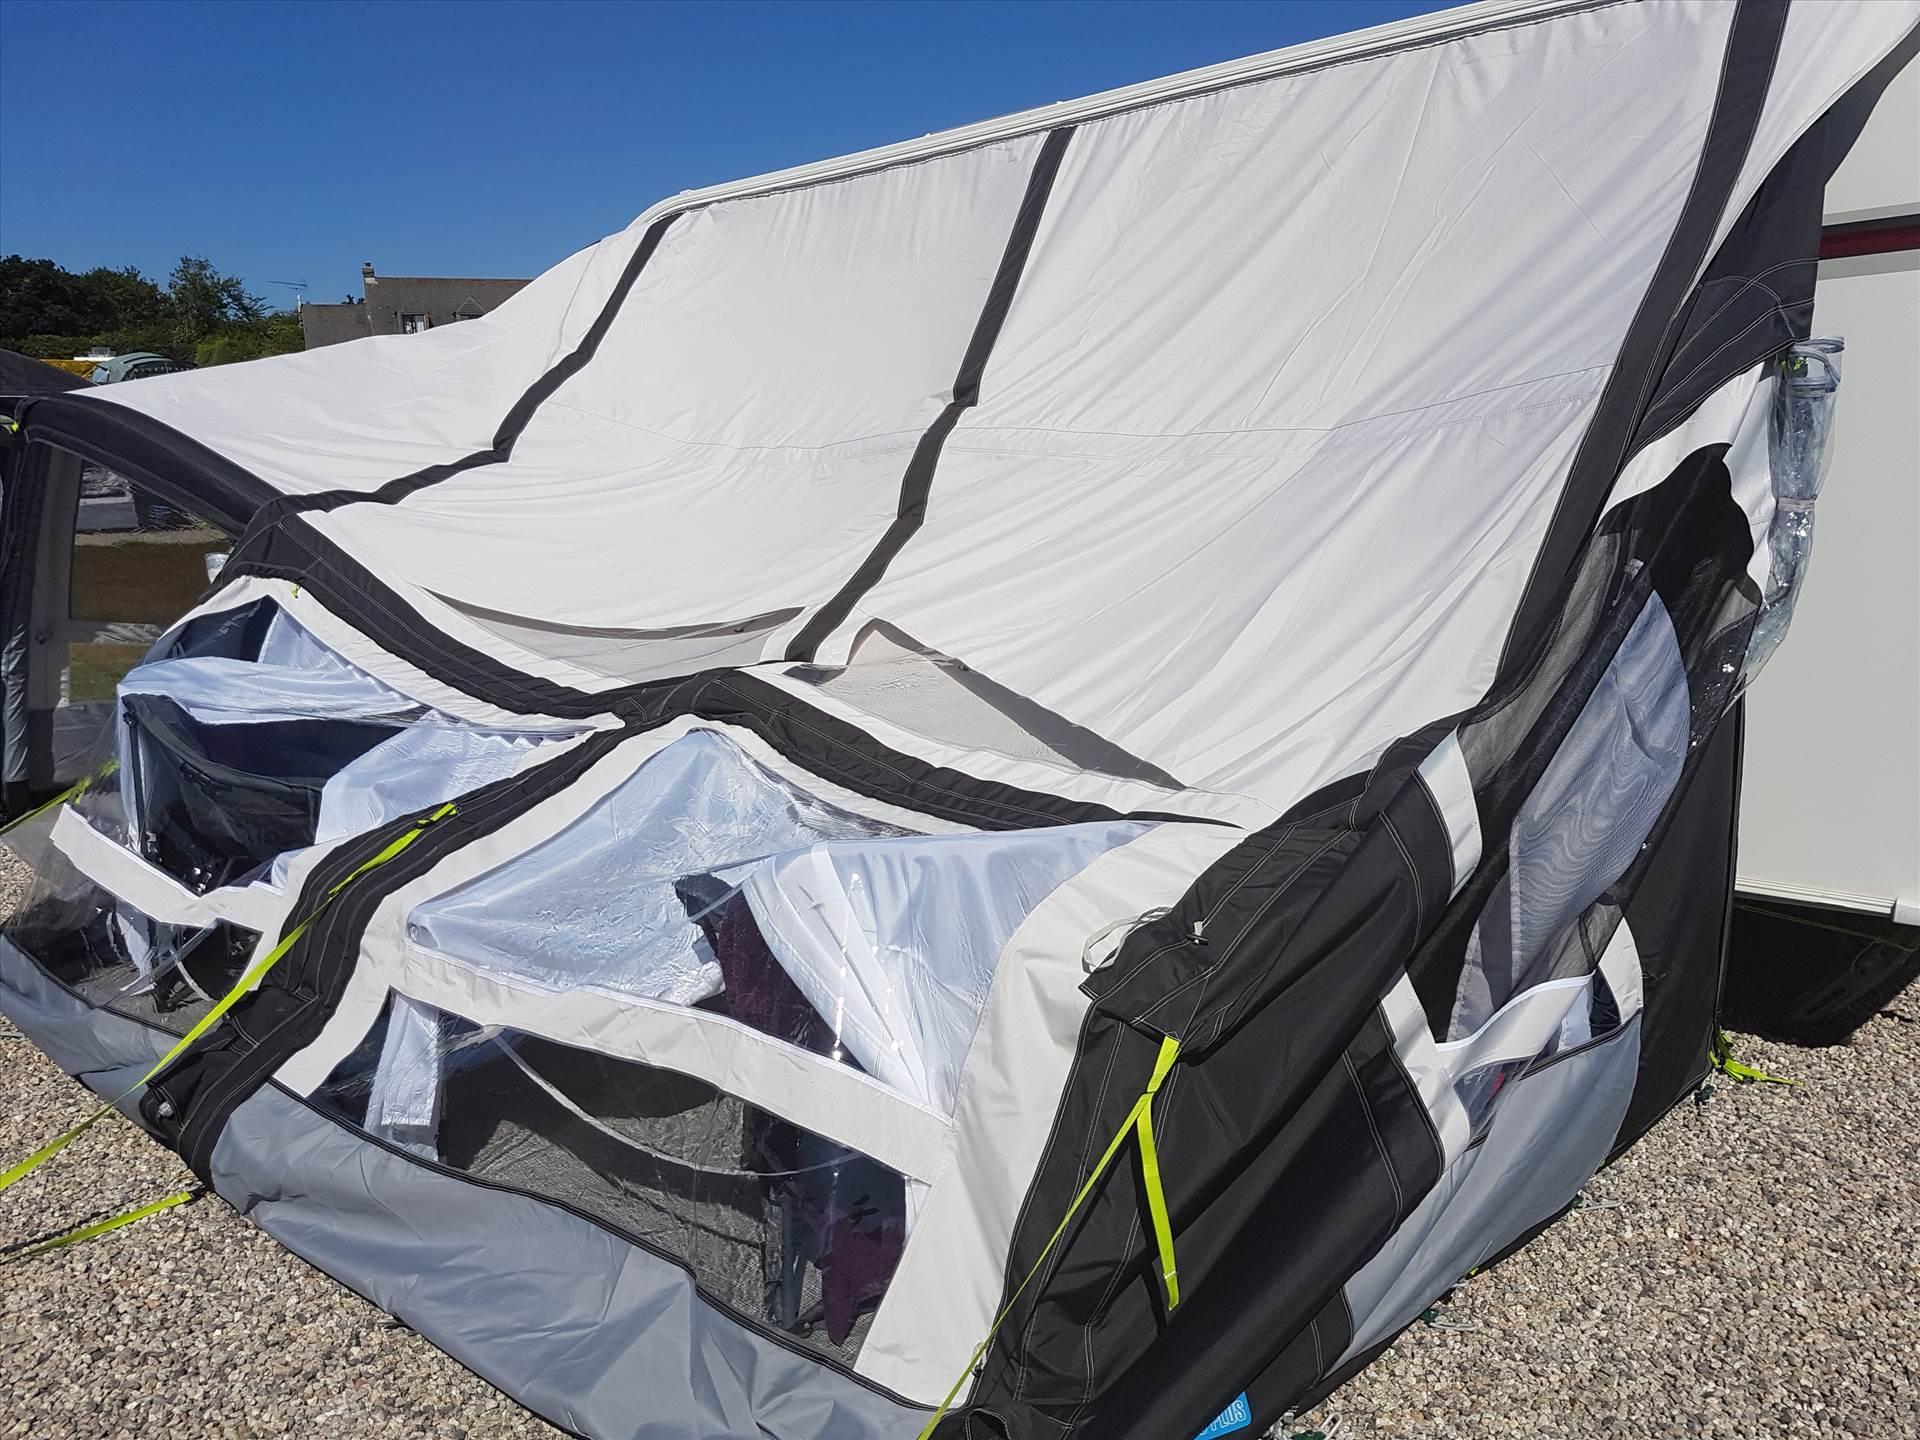 Practical Caravan Kampa Awning Problem 1 3